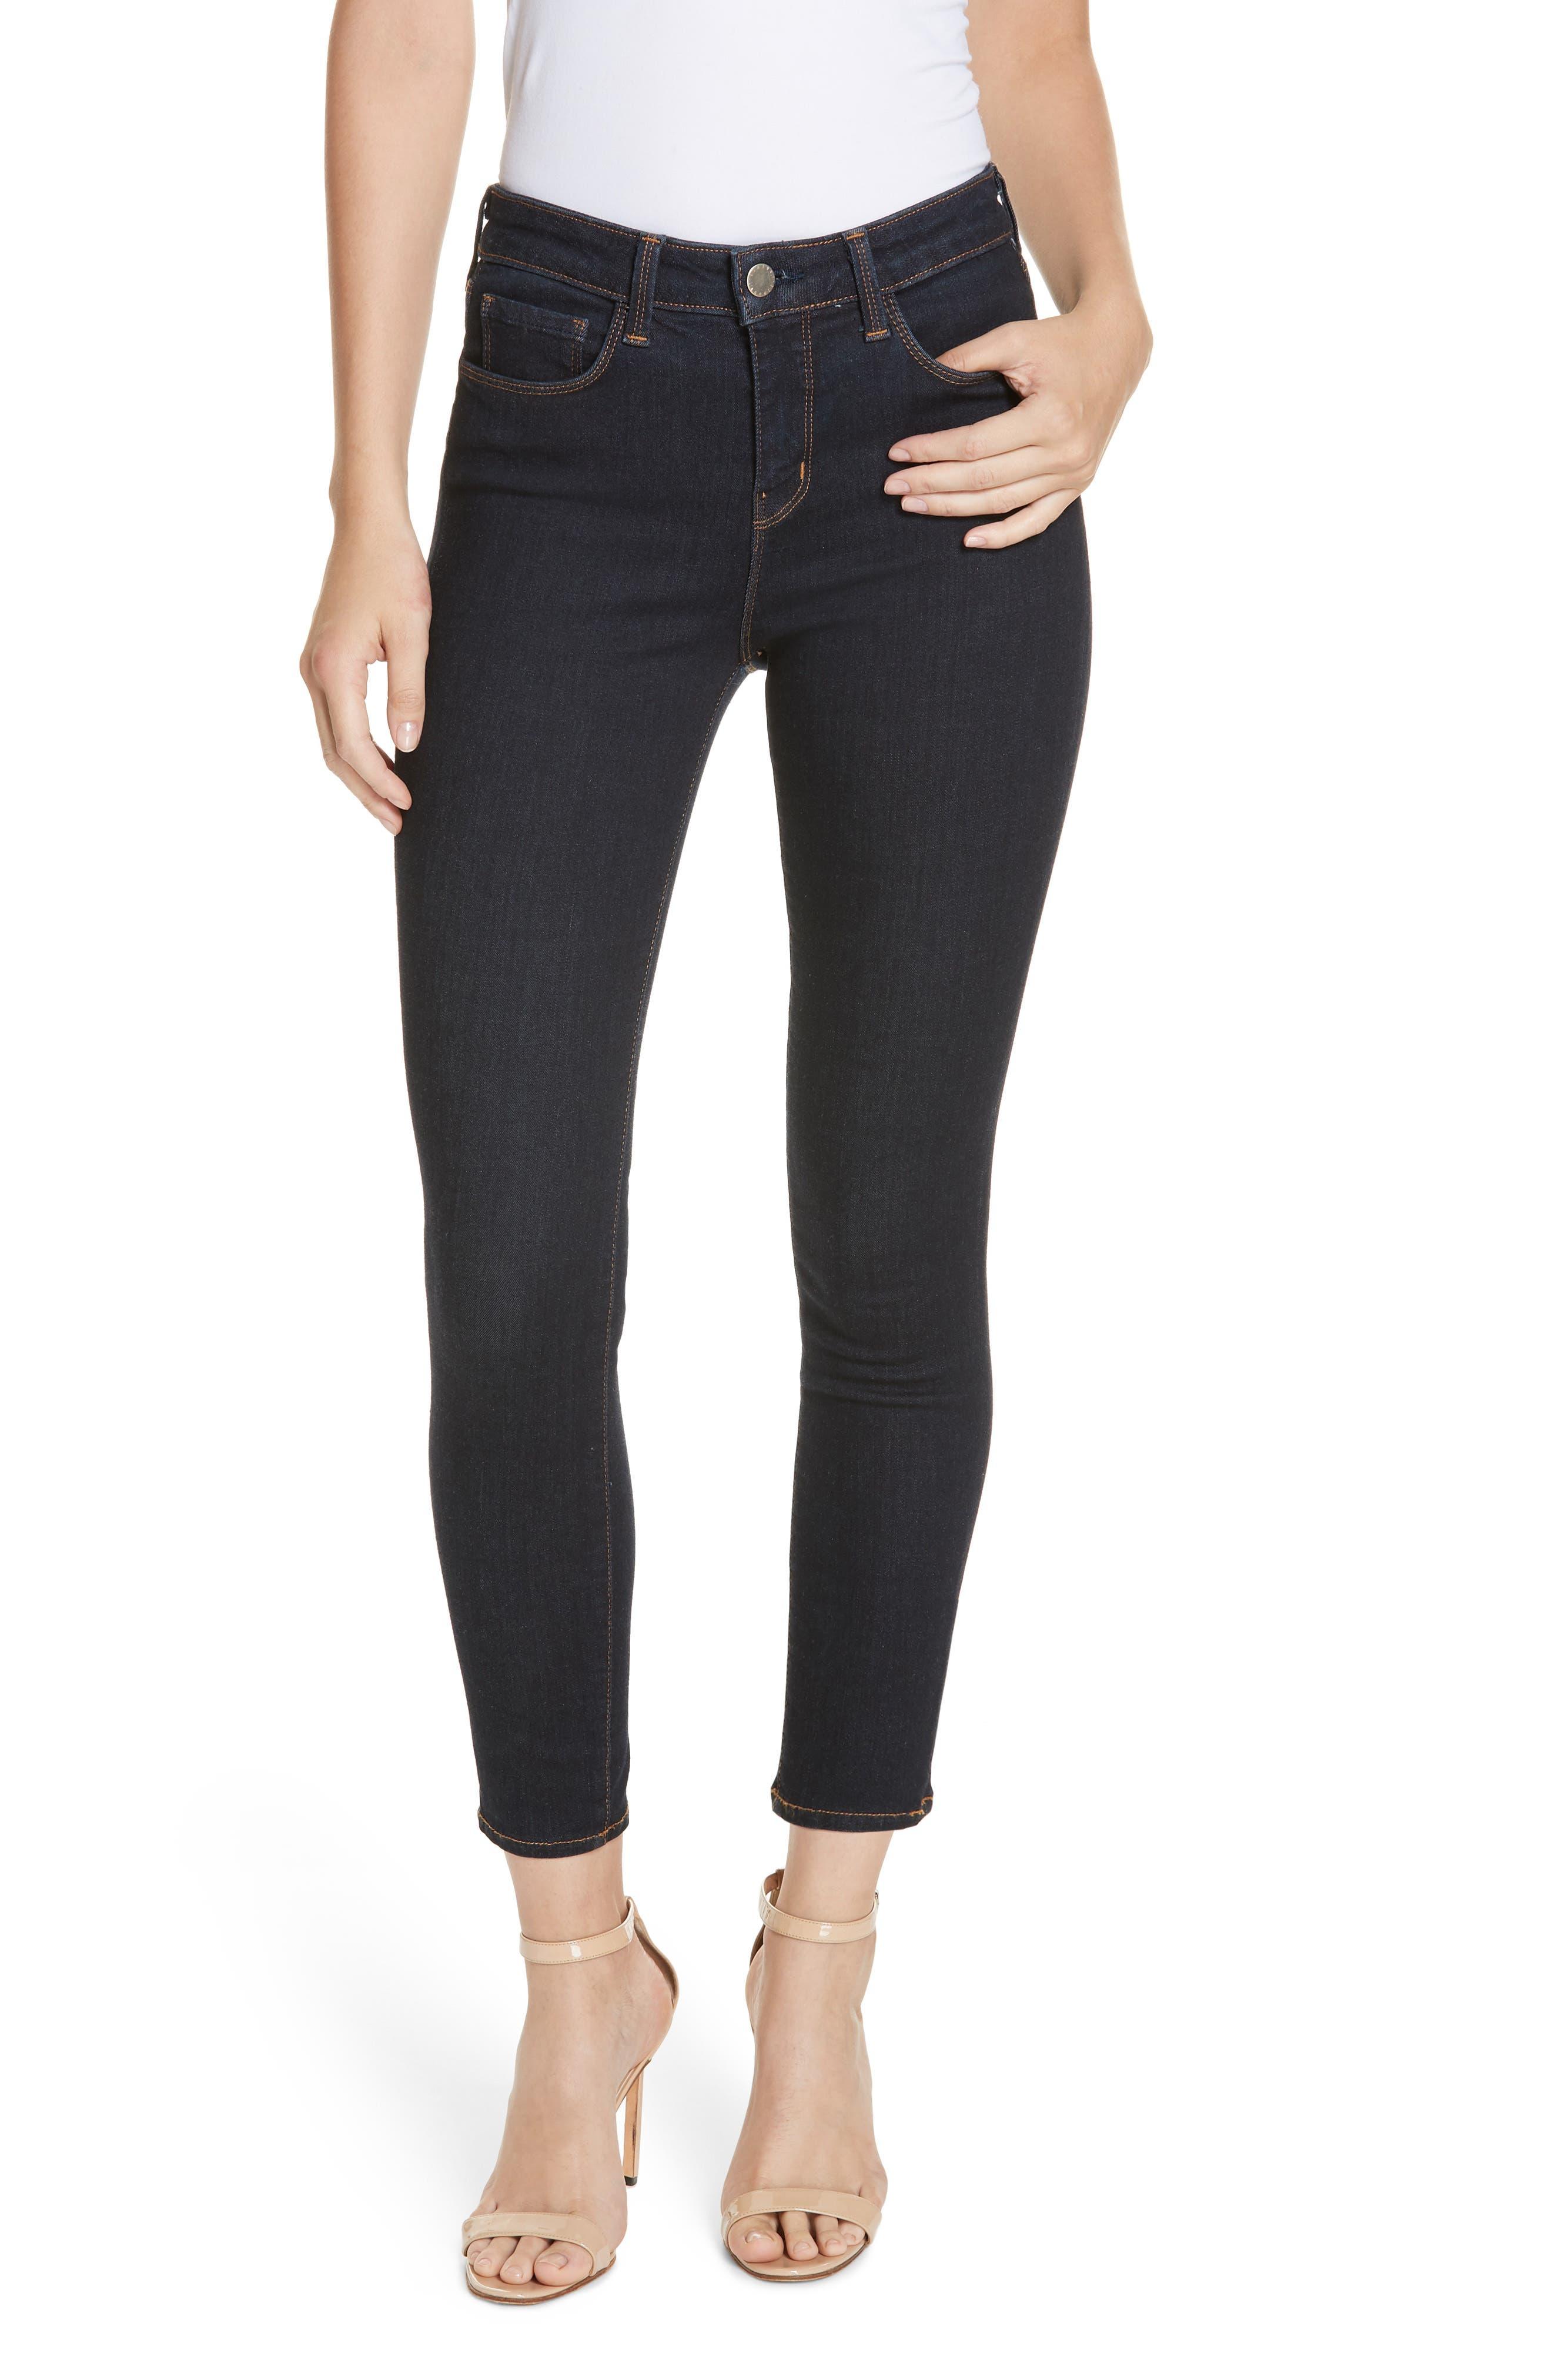 Margot High Waist Crop Jeans,                             Main thumbnail 1, color,                             MIDNIGHT